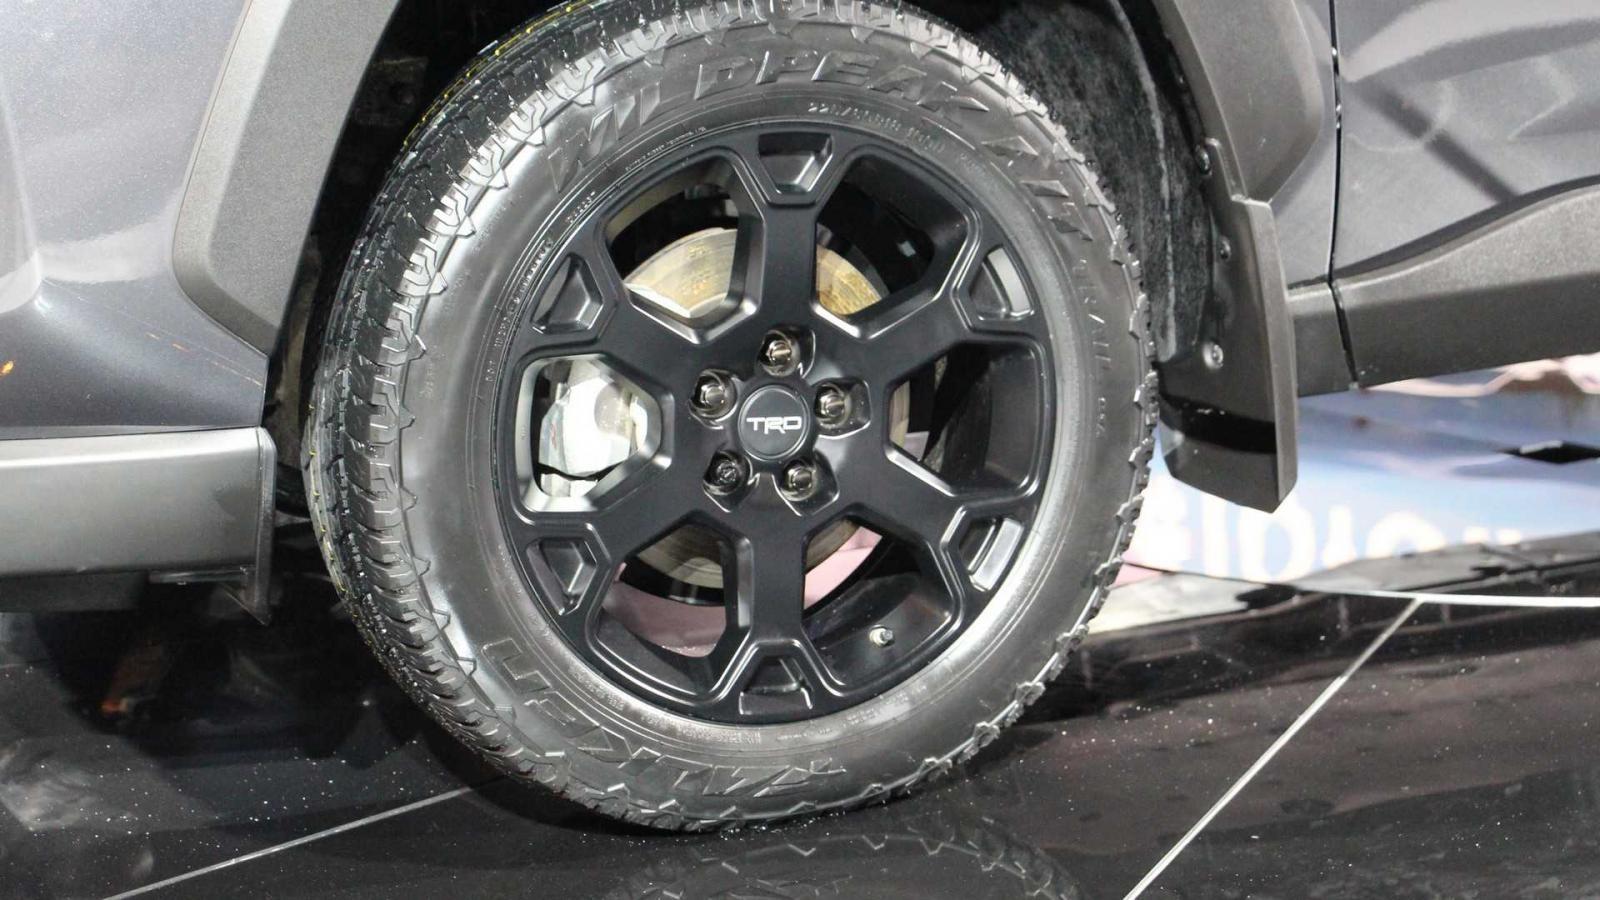 Bộ vành hợp kim 18 inch đi với lốp đặc biệt, được sản xuất theo yêu cầu của TRD